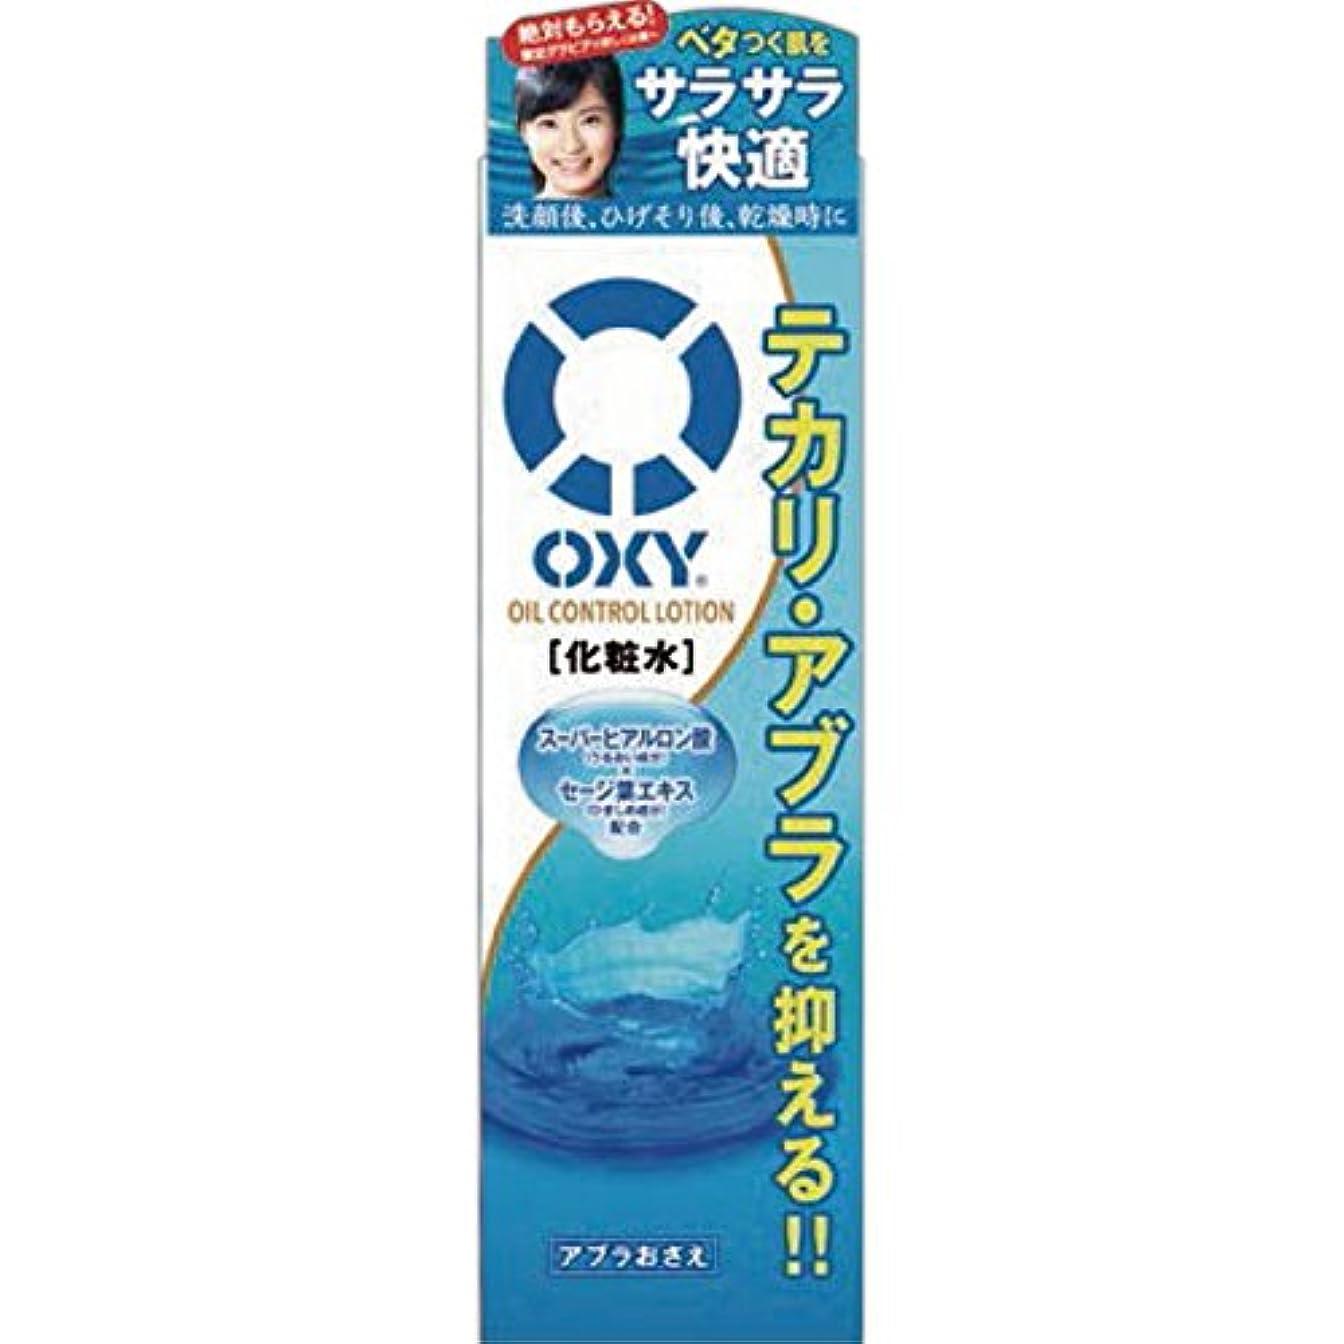 ムス知る気分オキシー (Oxy) オイルコントロールローション スーパーヒアルロン酸×セージ葉エキス配合 ゼラニウムの香 170mL